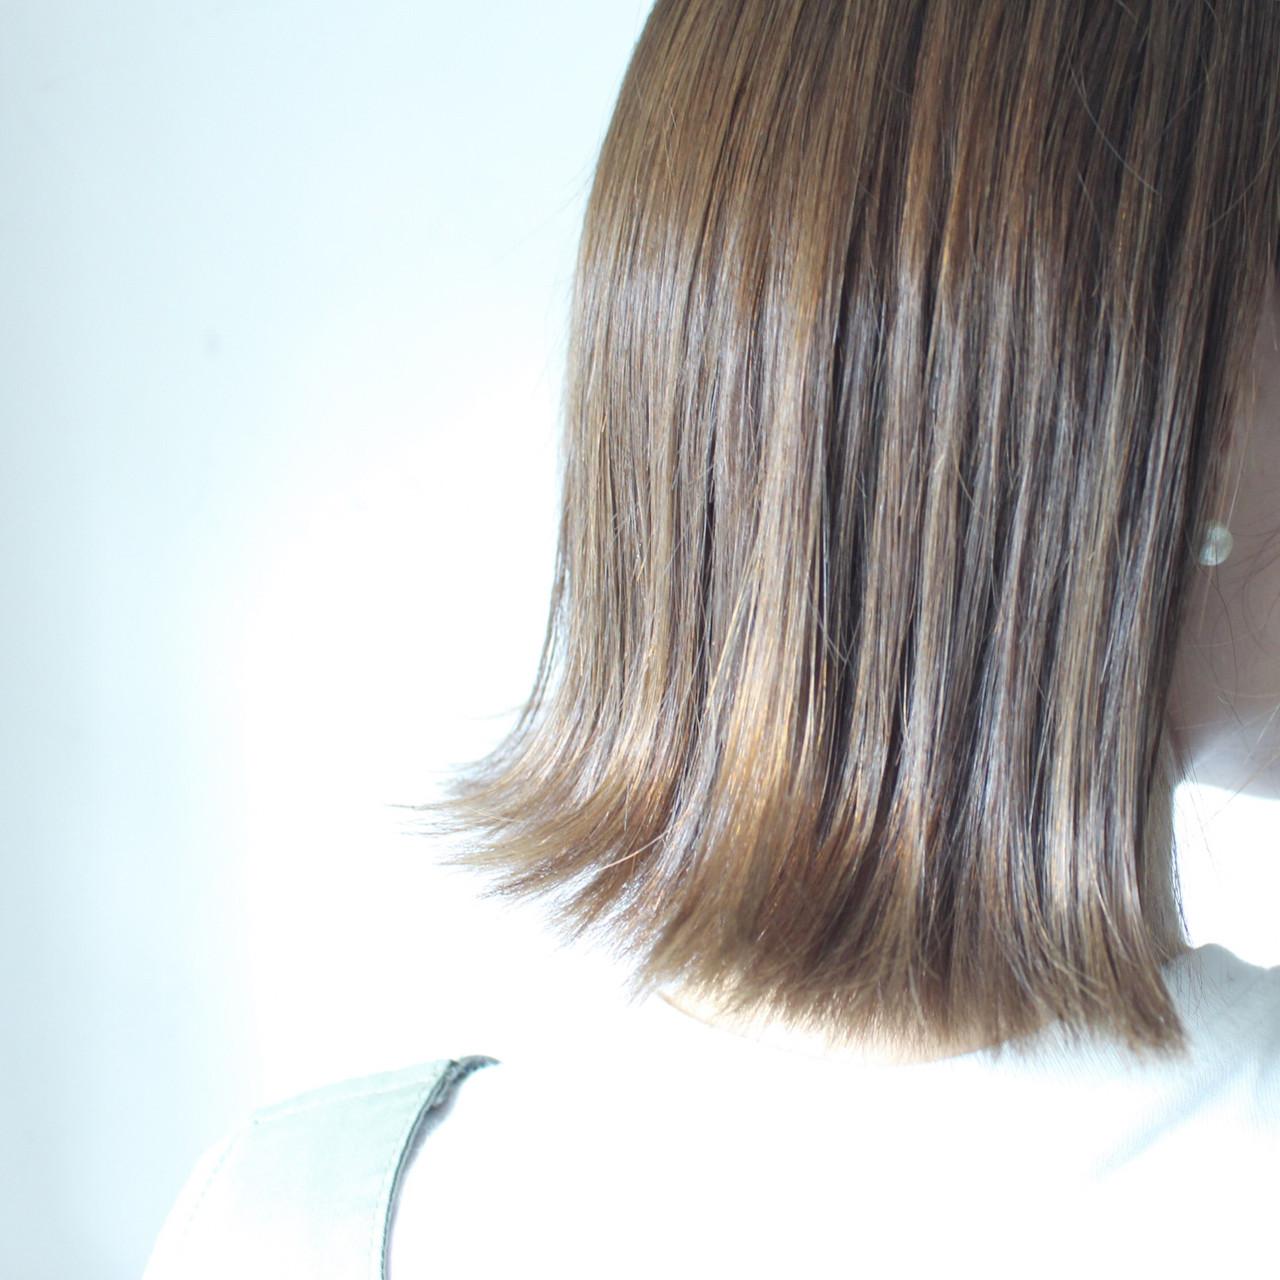 切りっぱなし グレージュ ロブ ナチュラル ヘアスタイルや髪型の写真・画像 | creap / creap